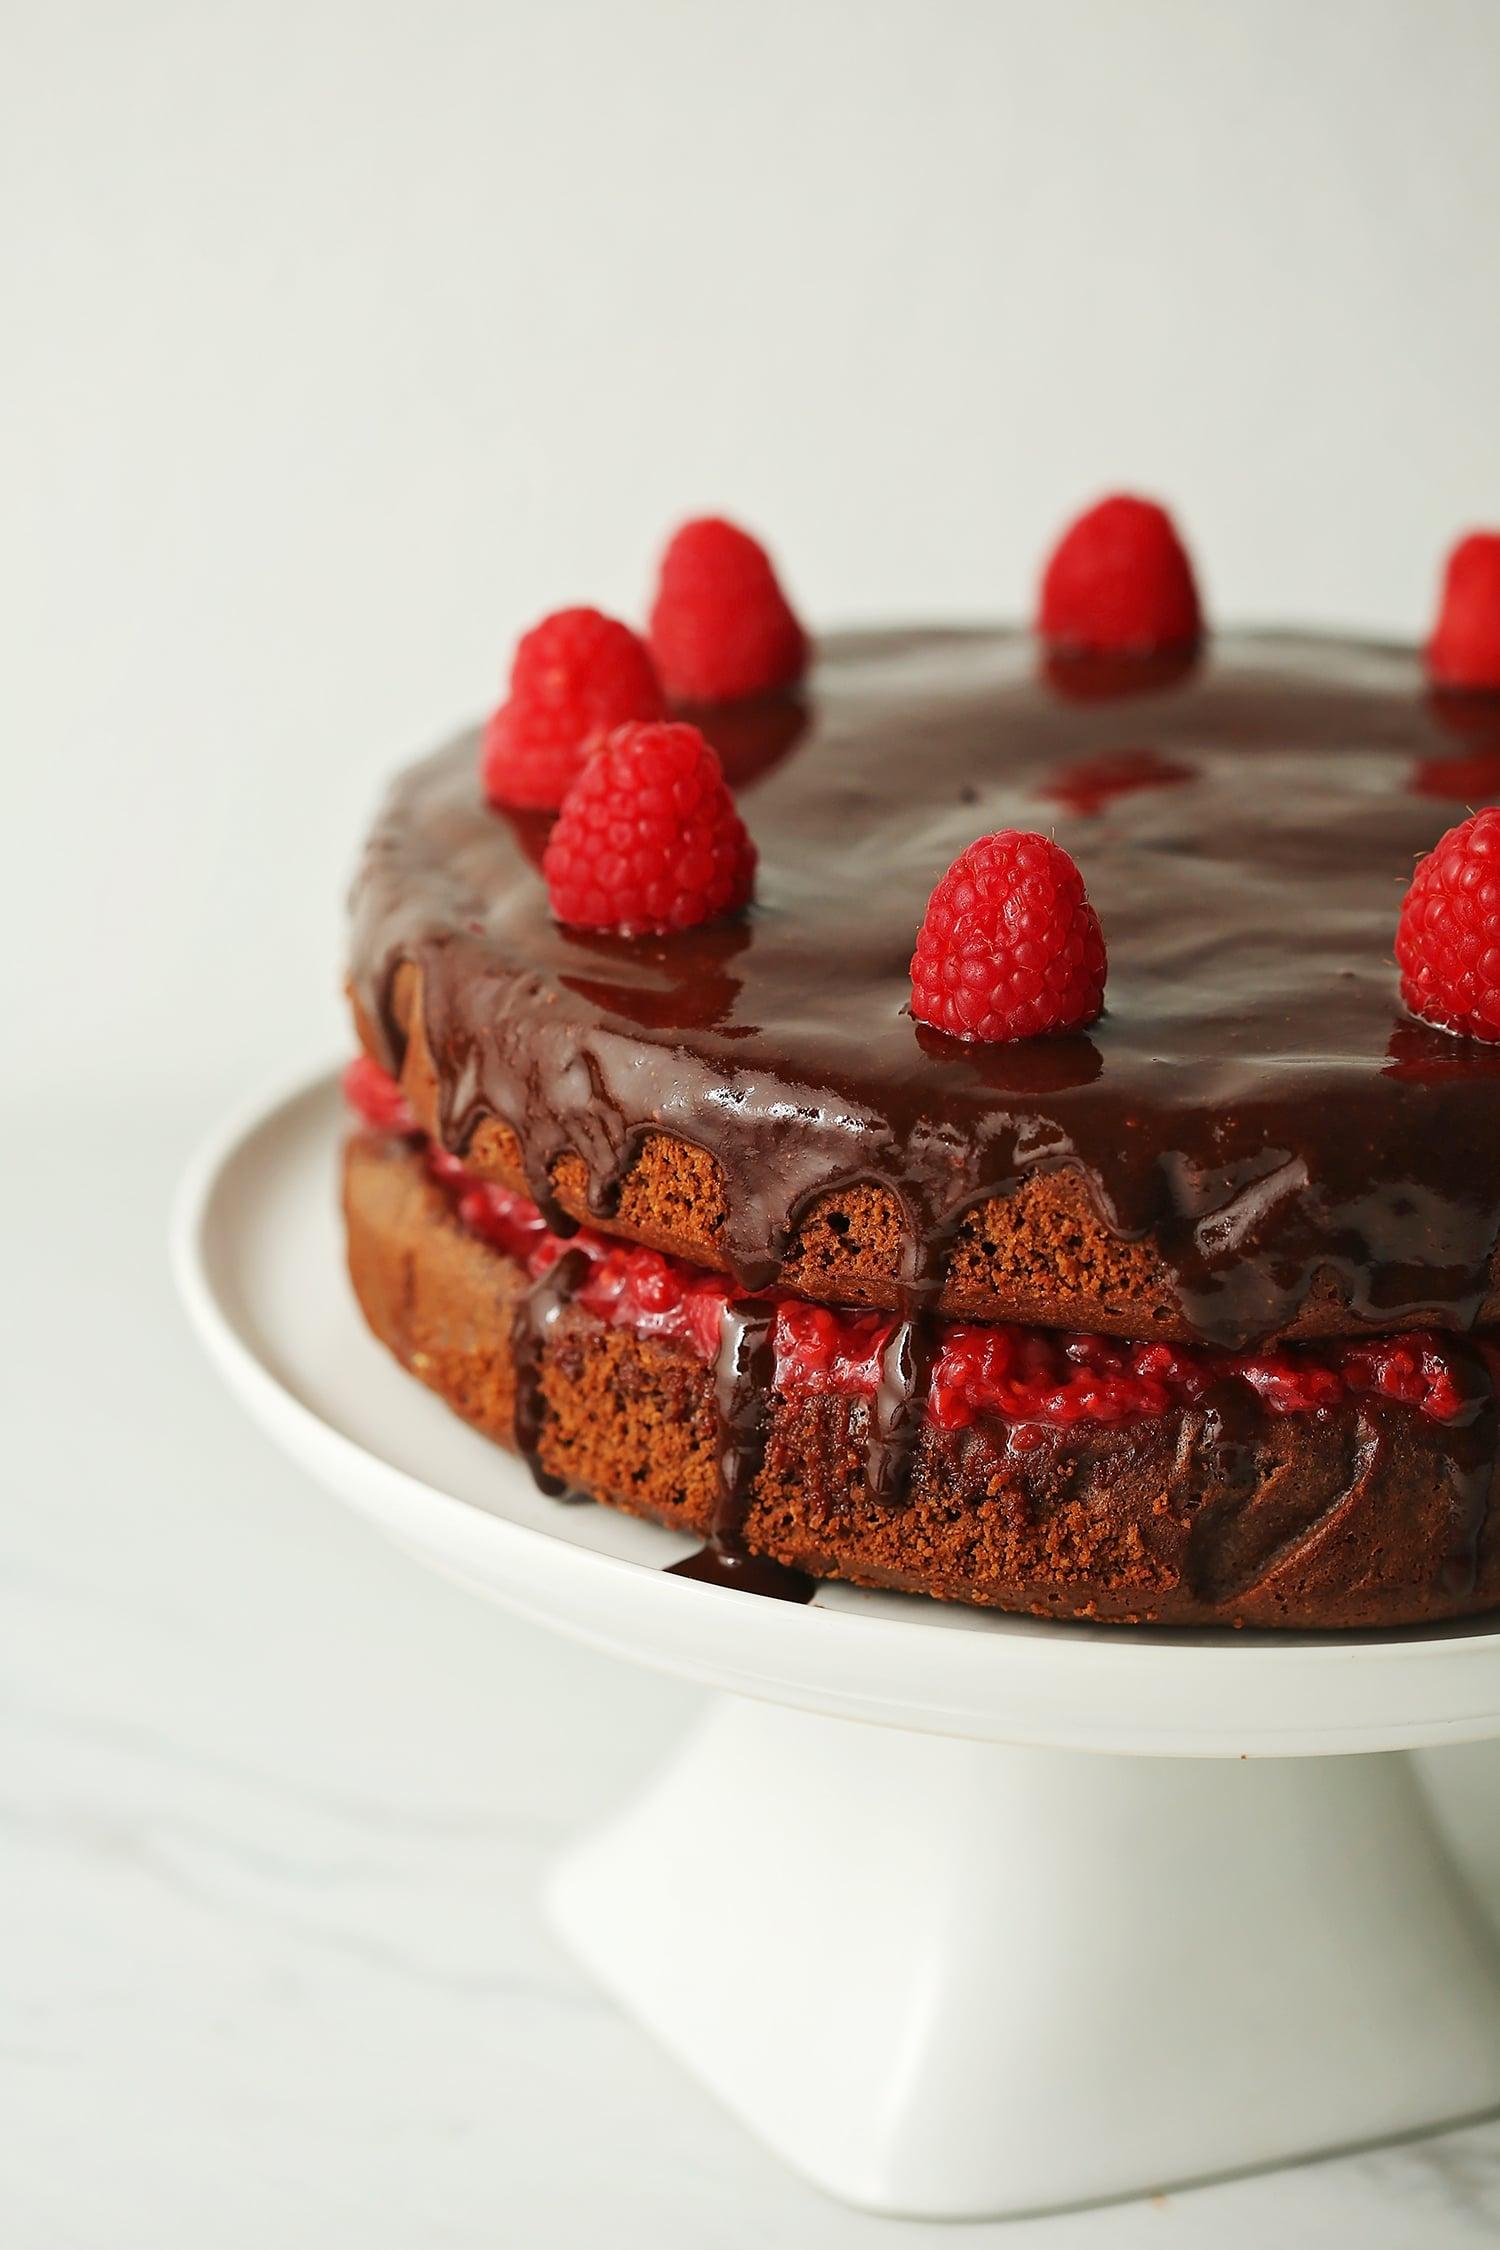 gluten free chocolate cake with raspberries